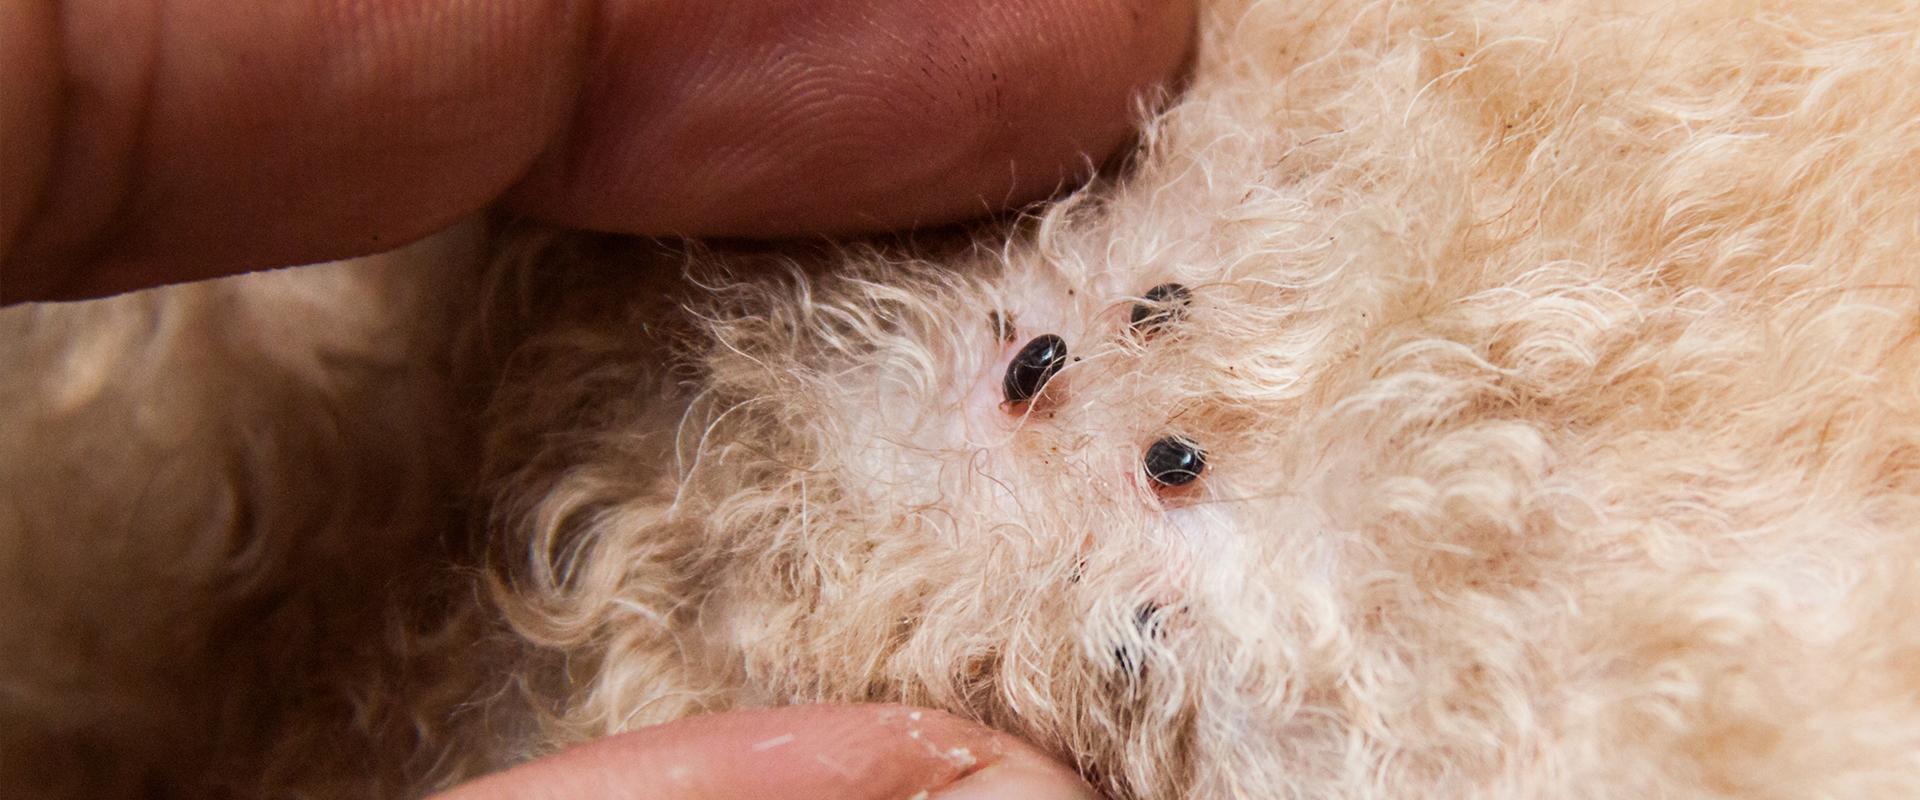 flea in dog hair in fayetteville georgia